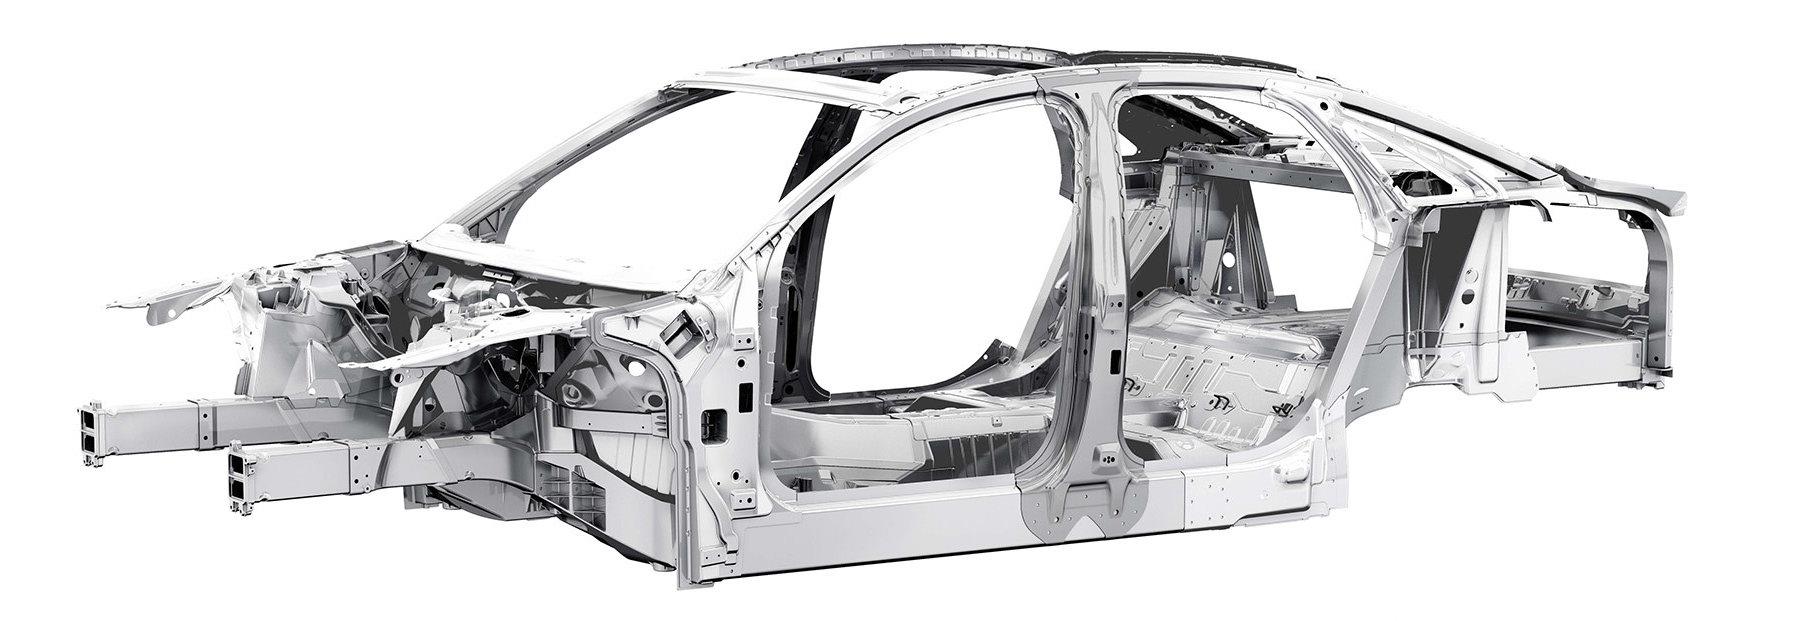 Más aluminio, por favor